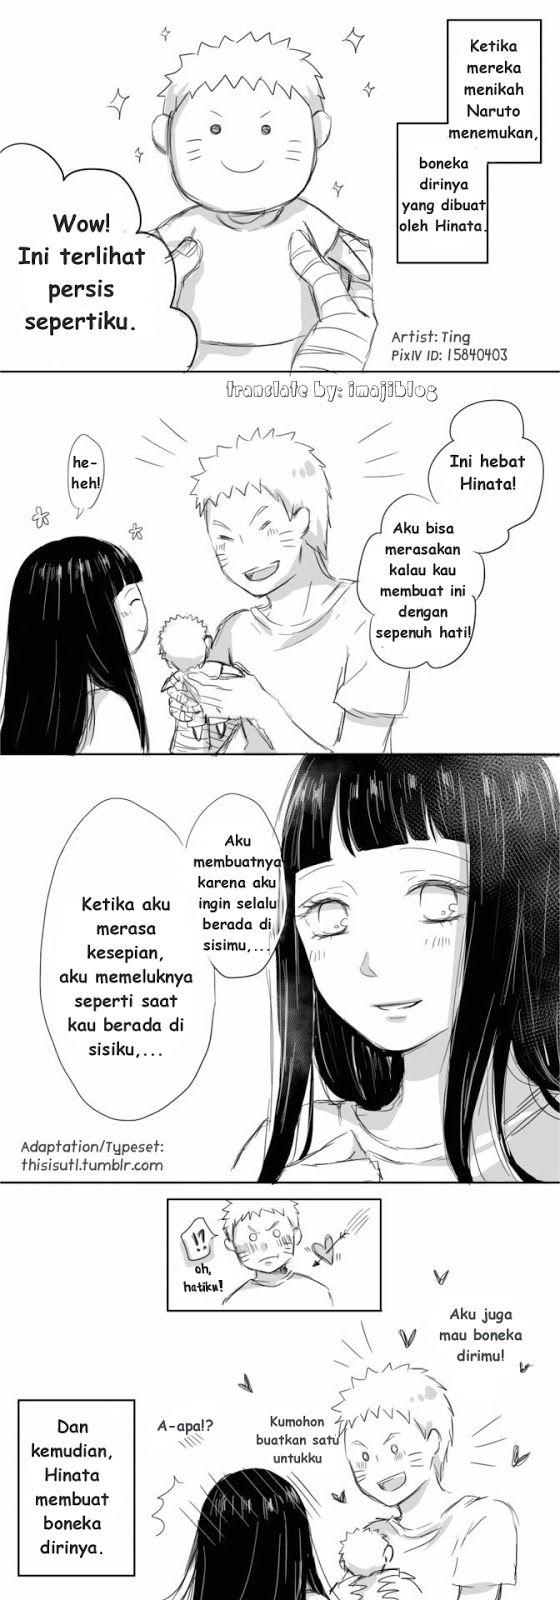 Komik Naruto Hinata Menikah : komik, naruto, hinata, menikah, Naruto❤Hinata